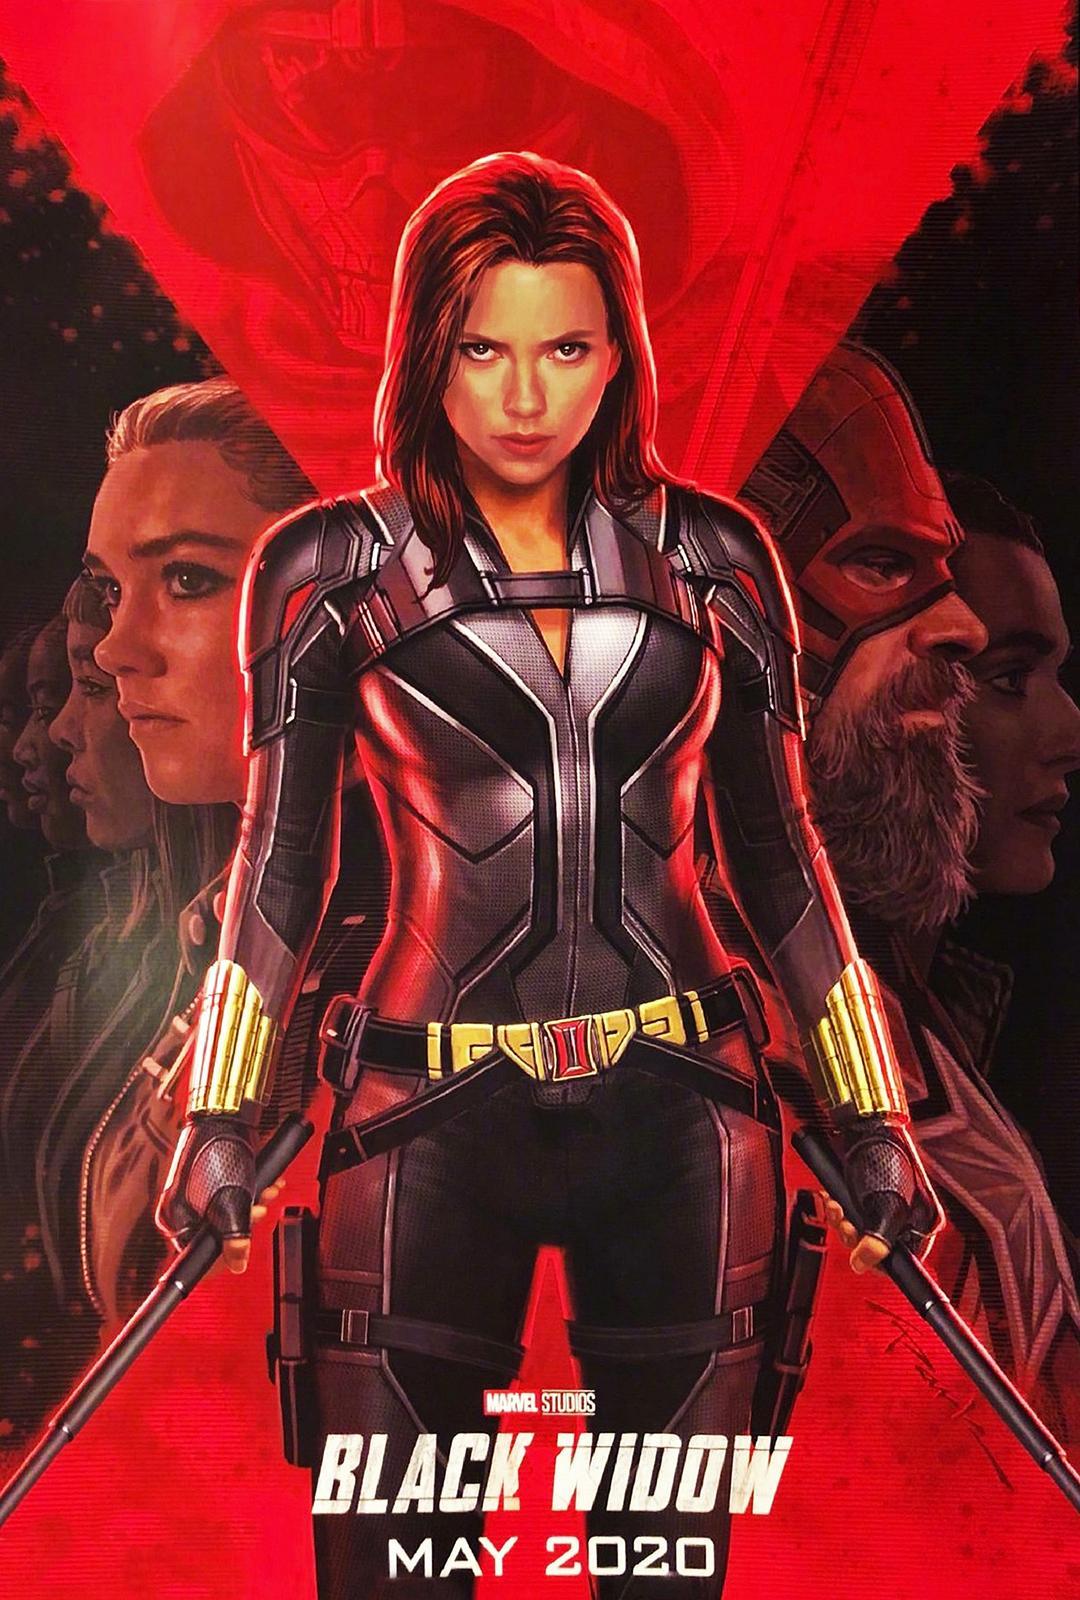 【电影预告】黑寡妇 Black Widow 2021-05-07 美国上映